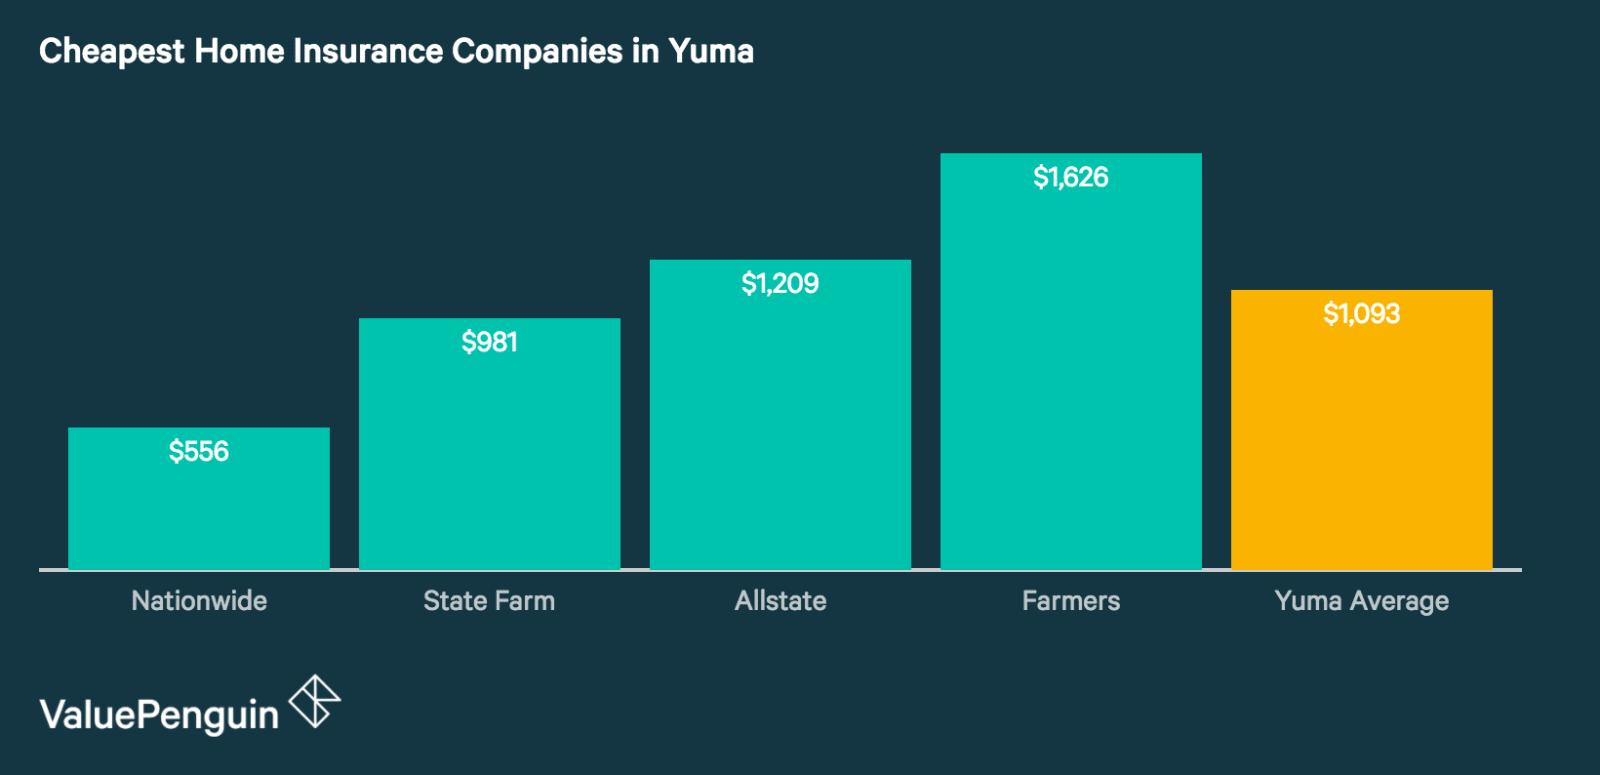 Best Cheap Home Insurance Companies in Yuma